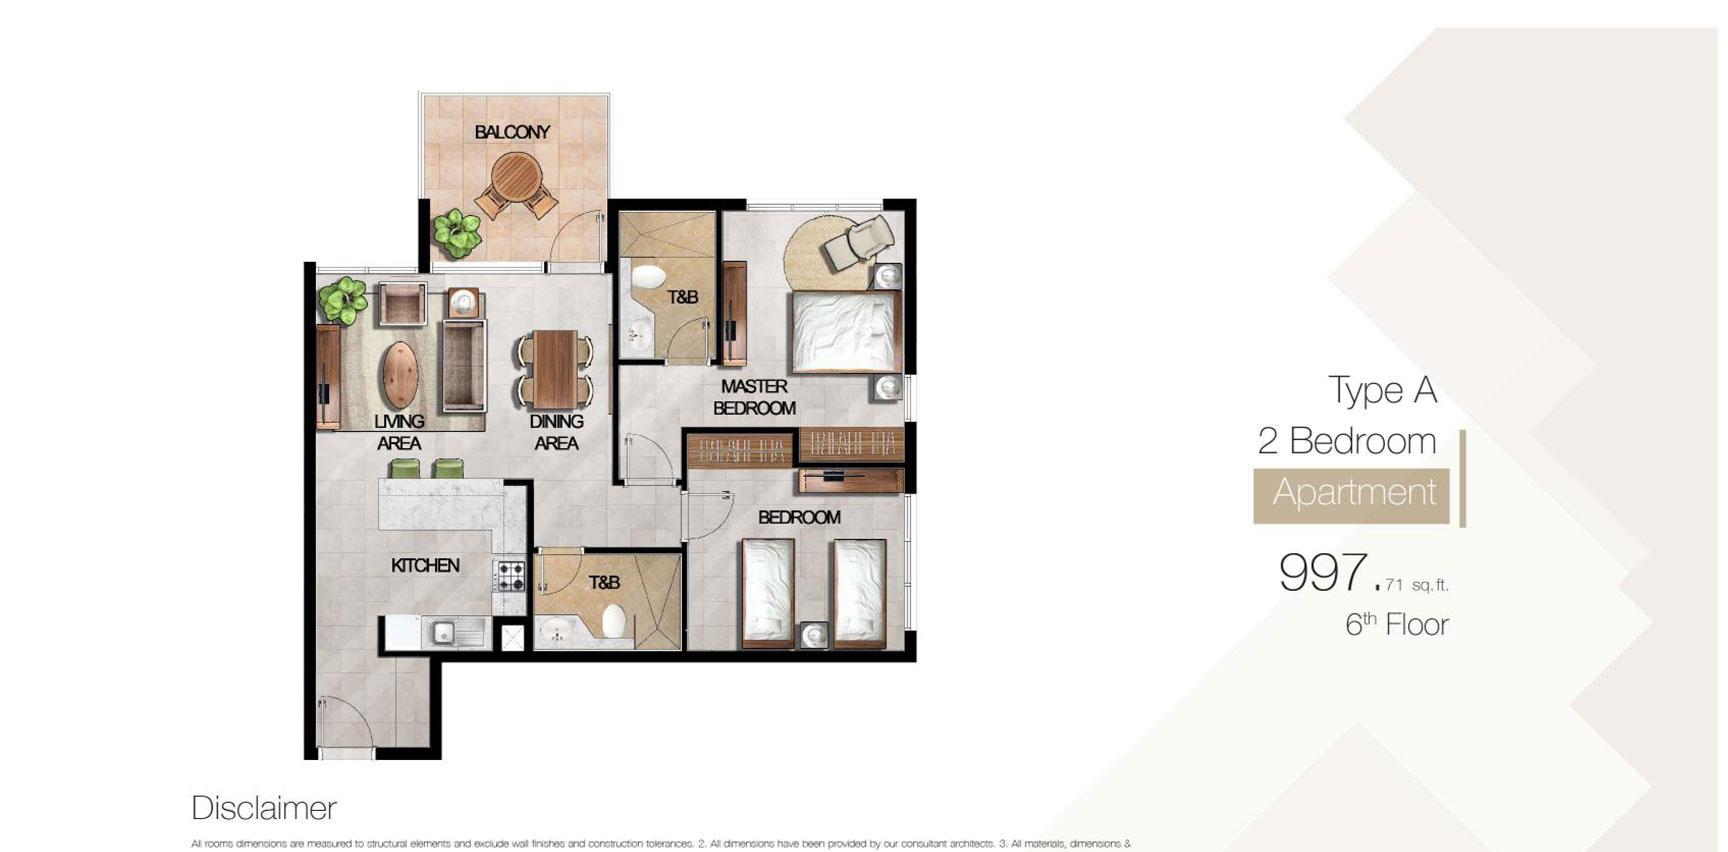 Type-A-2-Bedroom